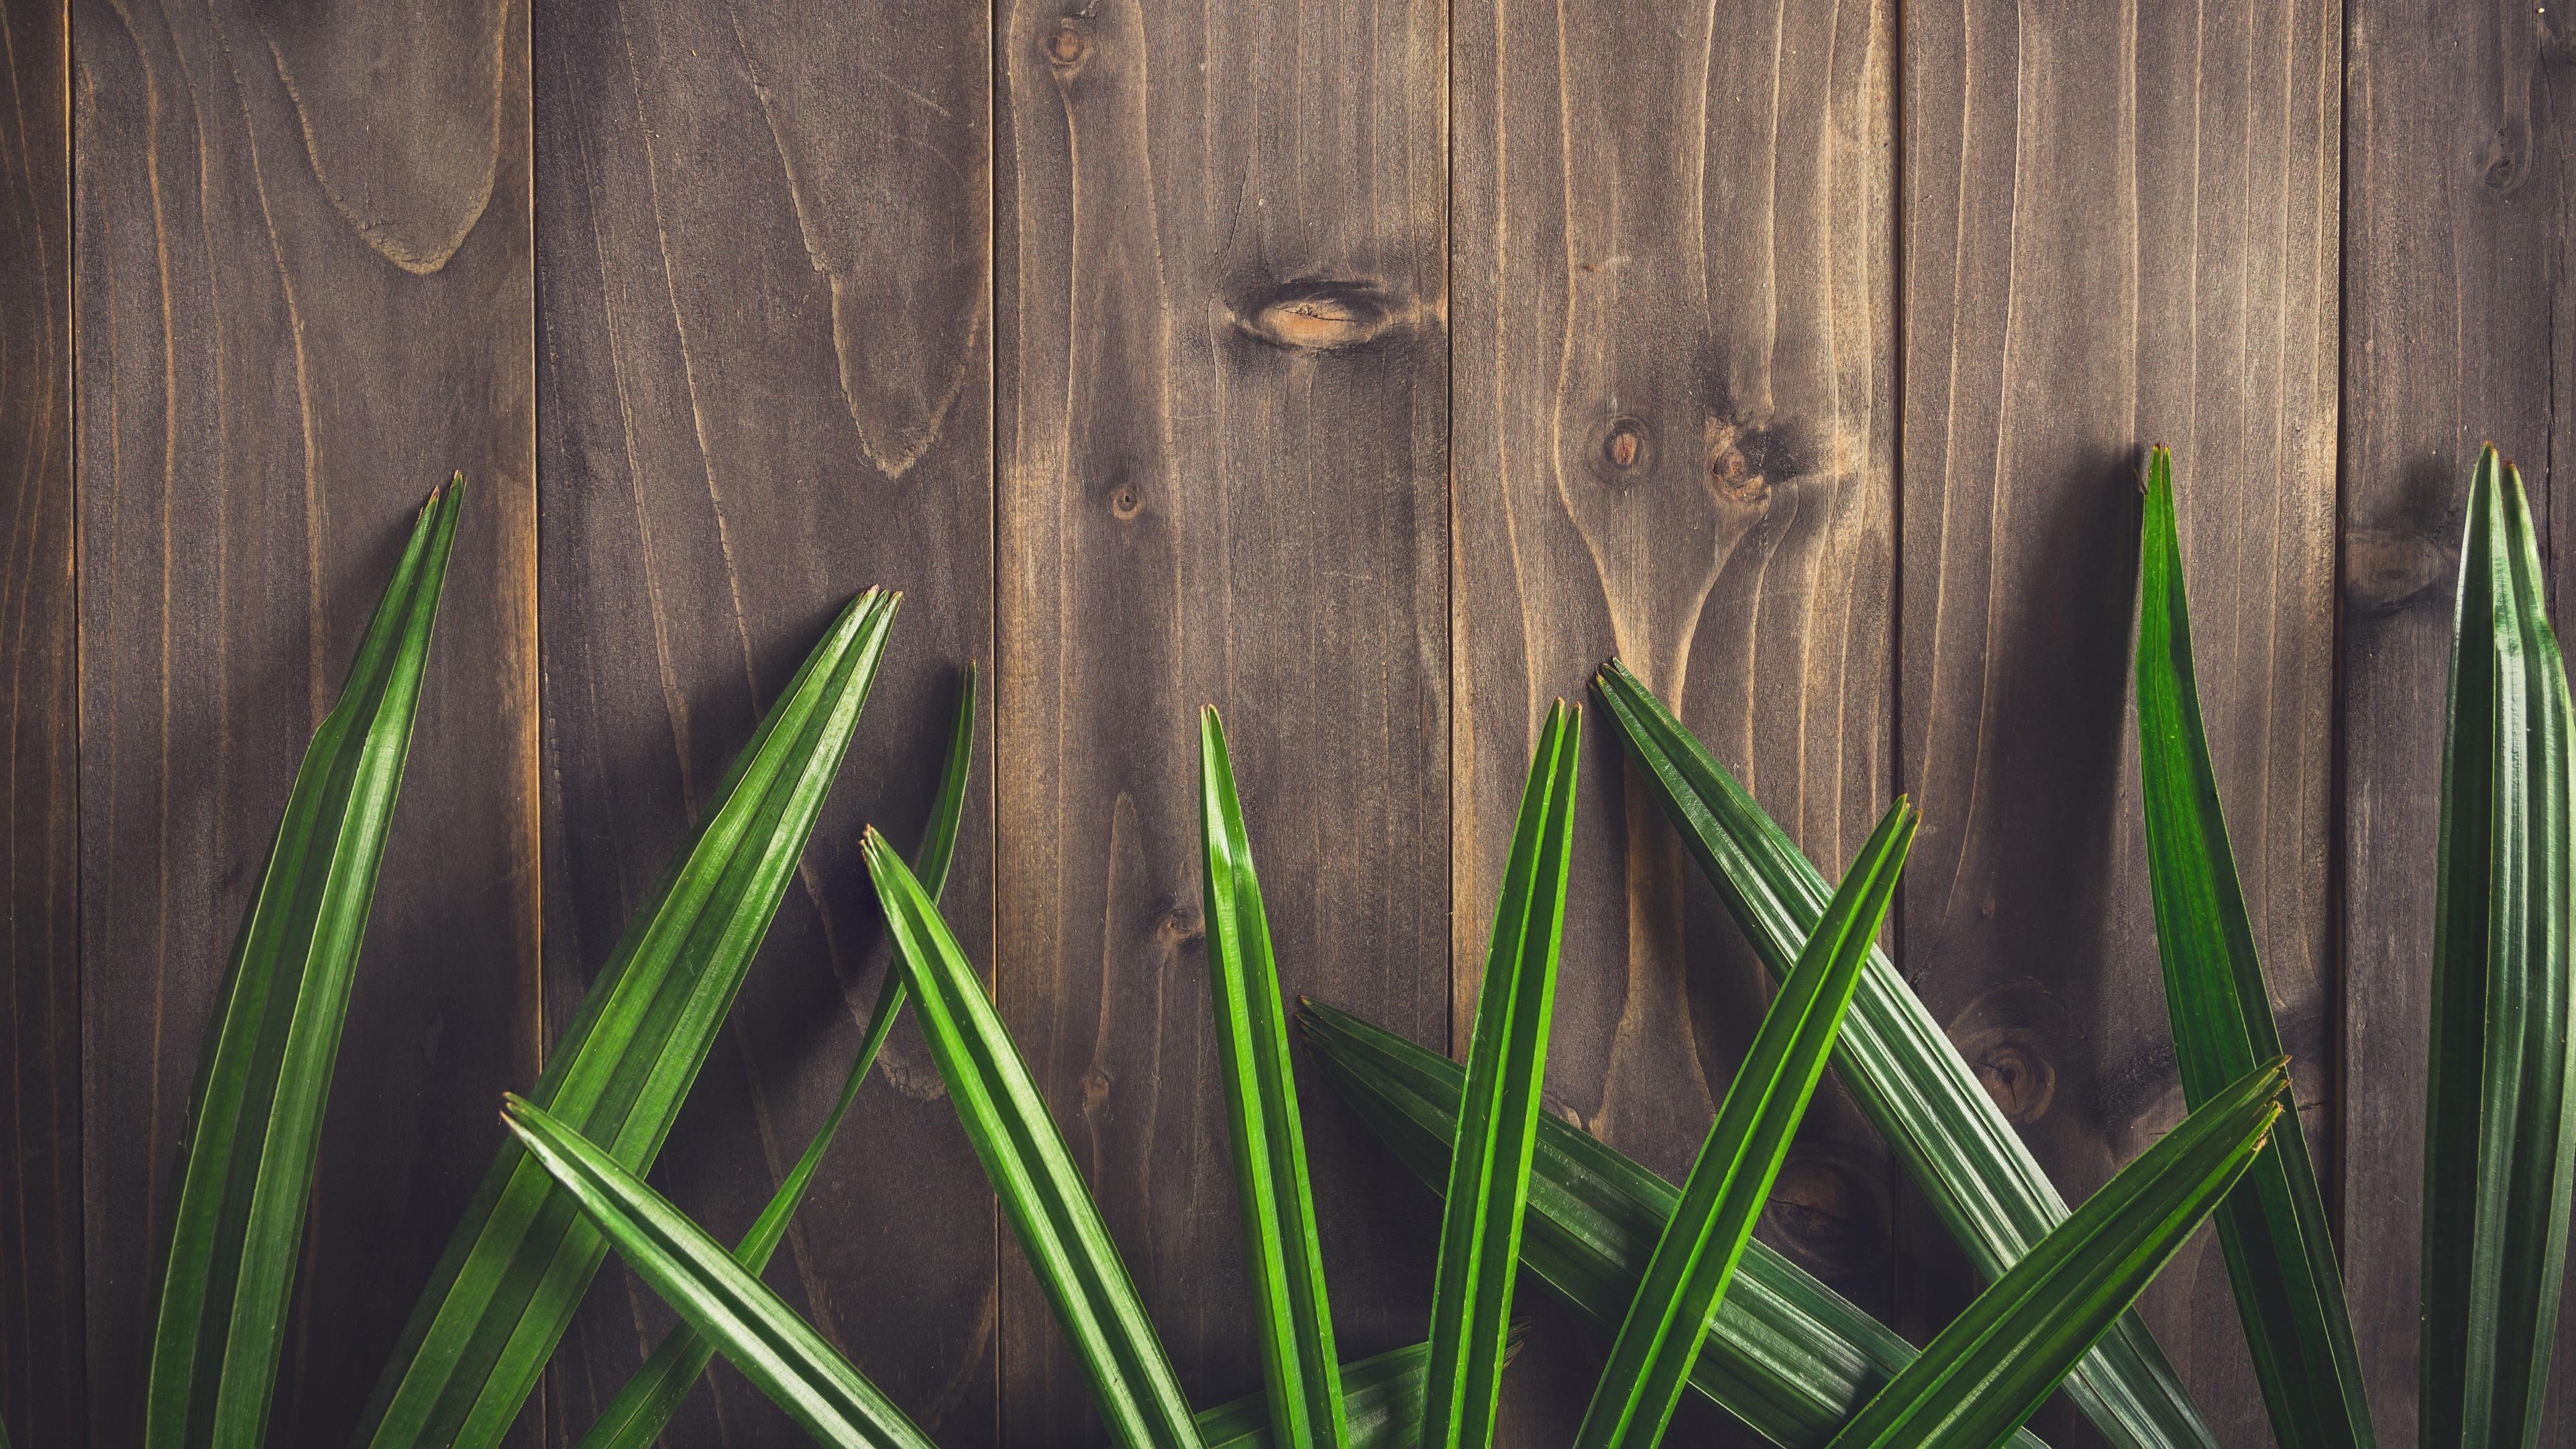 картинки для фотофона с высоким разрешением цветные натяжные потолки